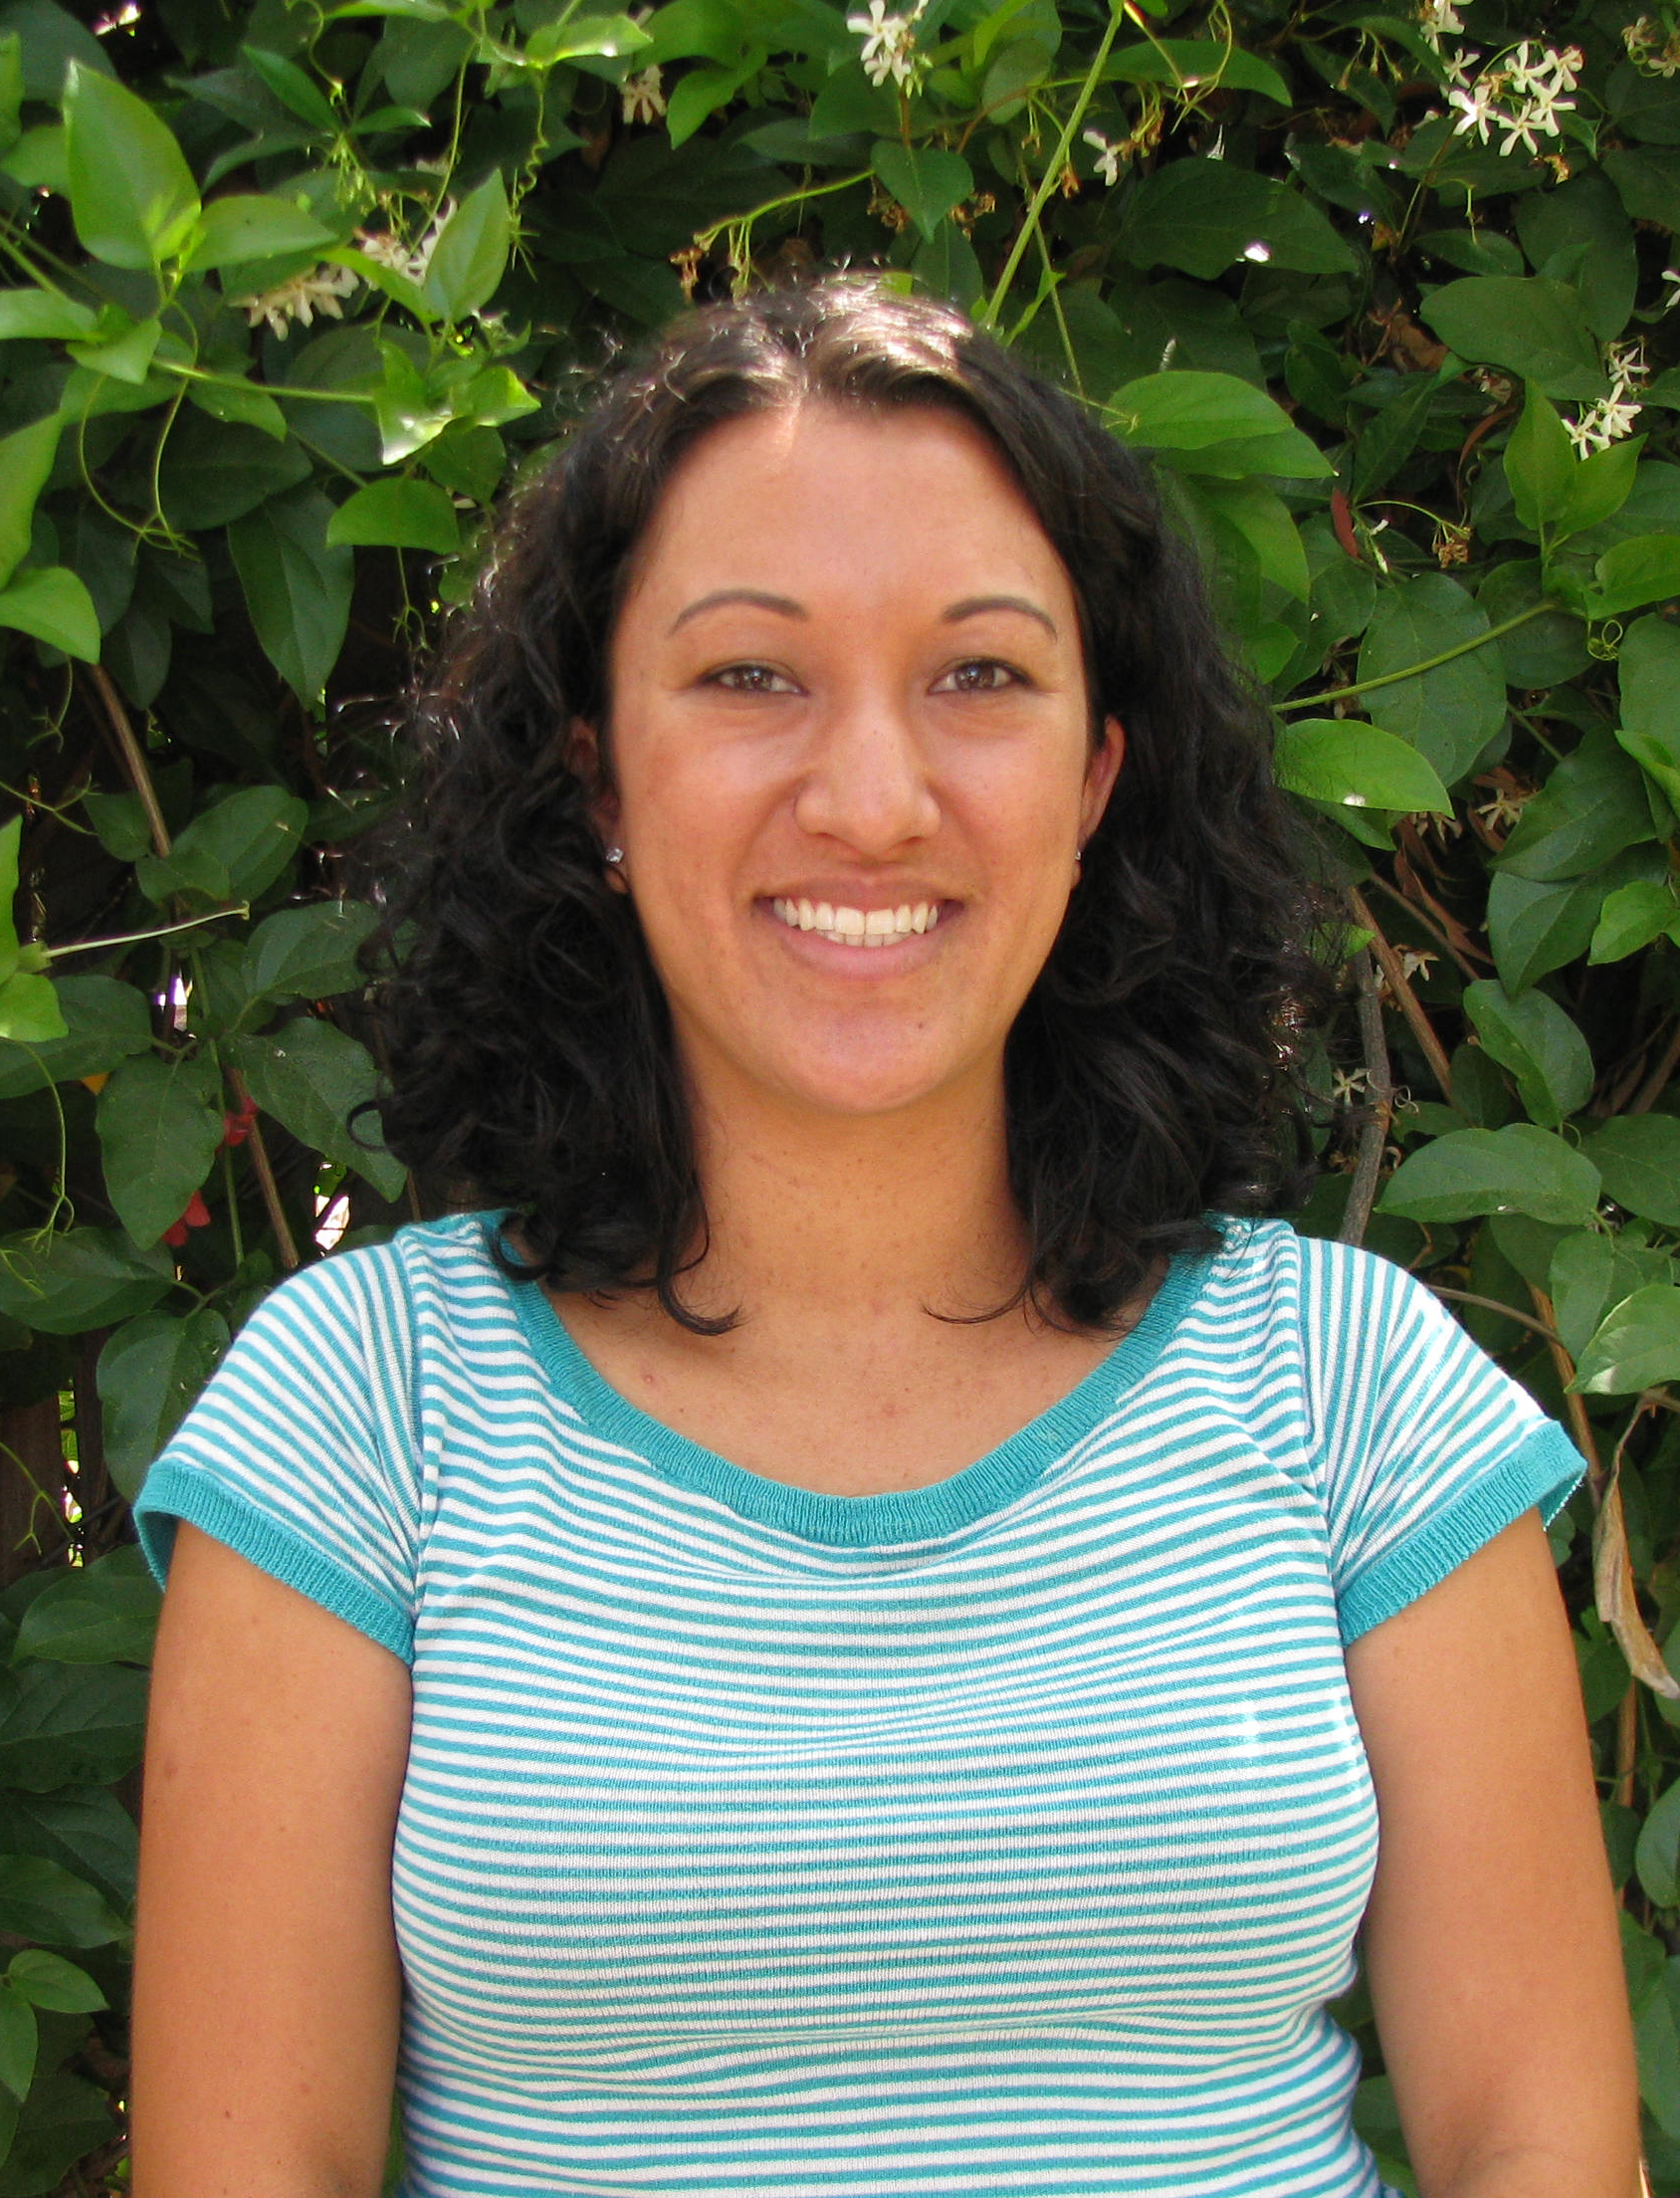 Amanda, ILACSD Hotline Manager